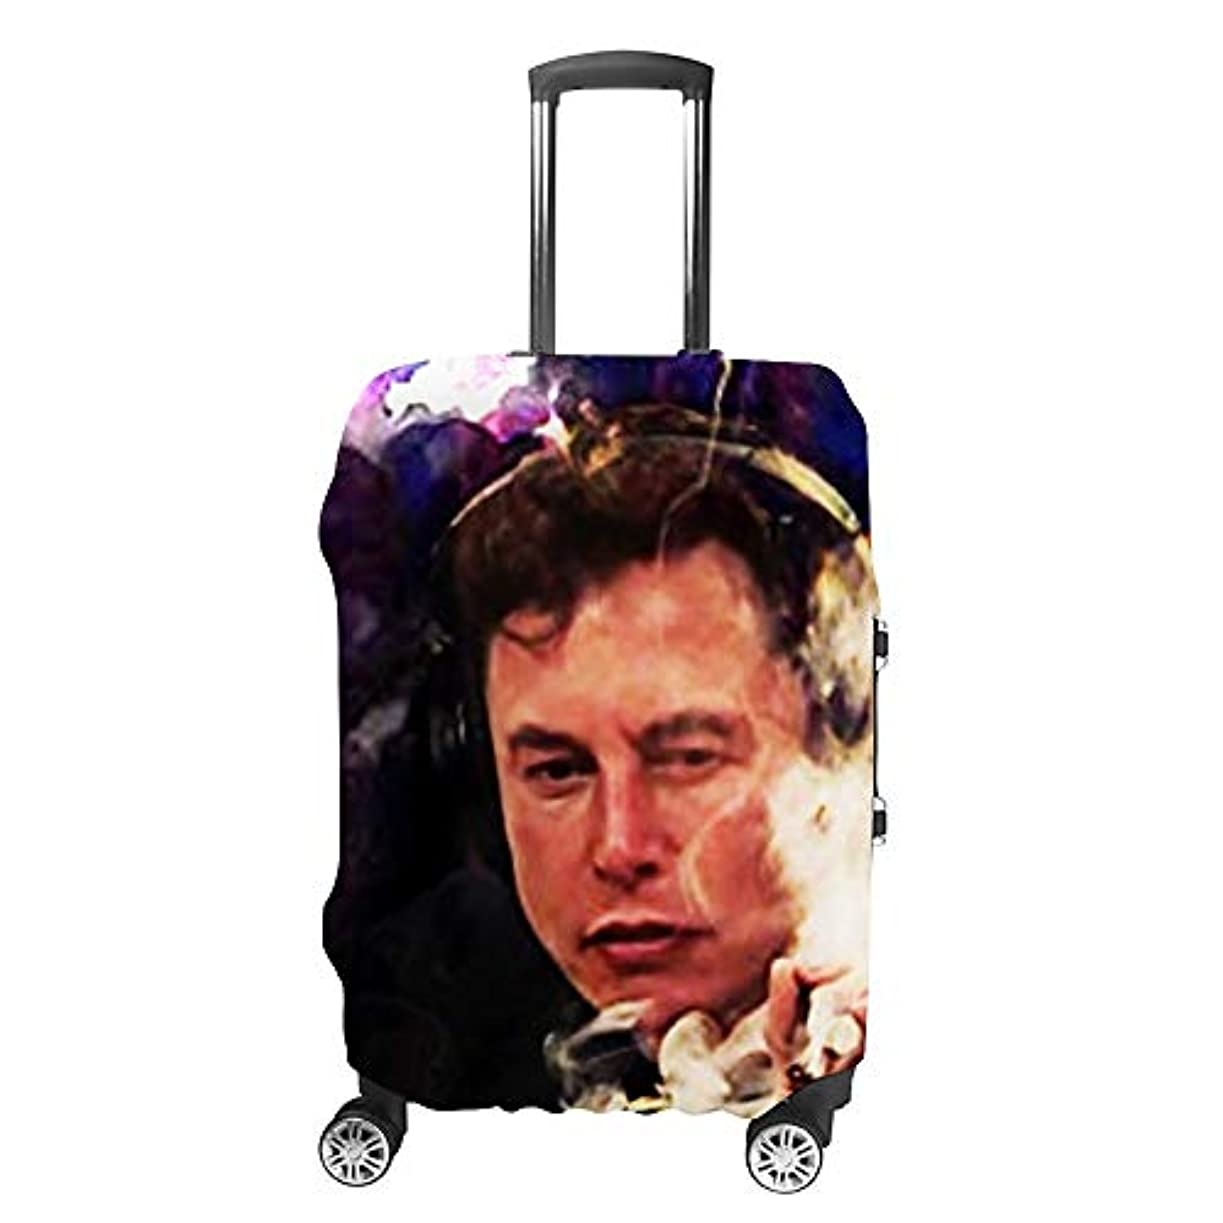 アミューズ消すオーストラリアElon Musk ファッション旅行荷物カバースーツケース荷物プロテクター旅行カバー男性用女性用